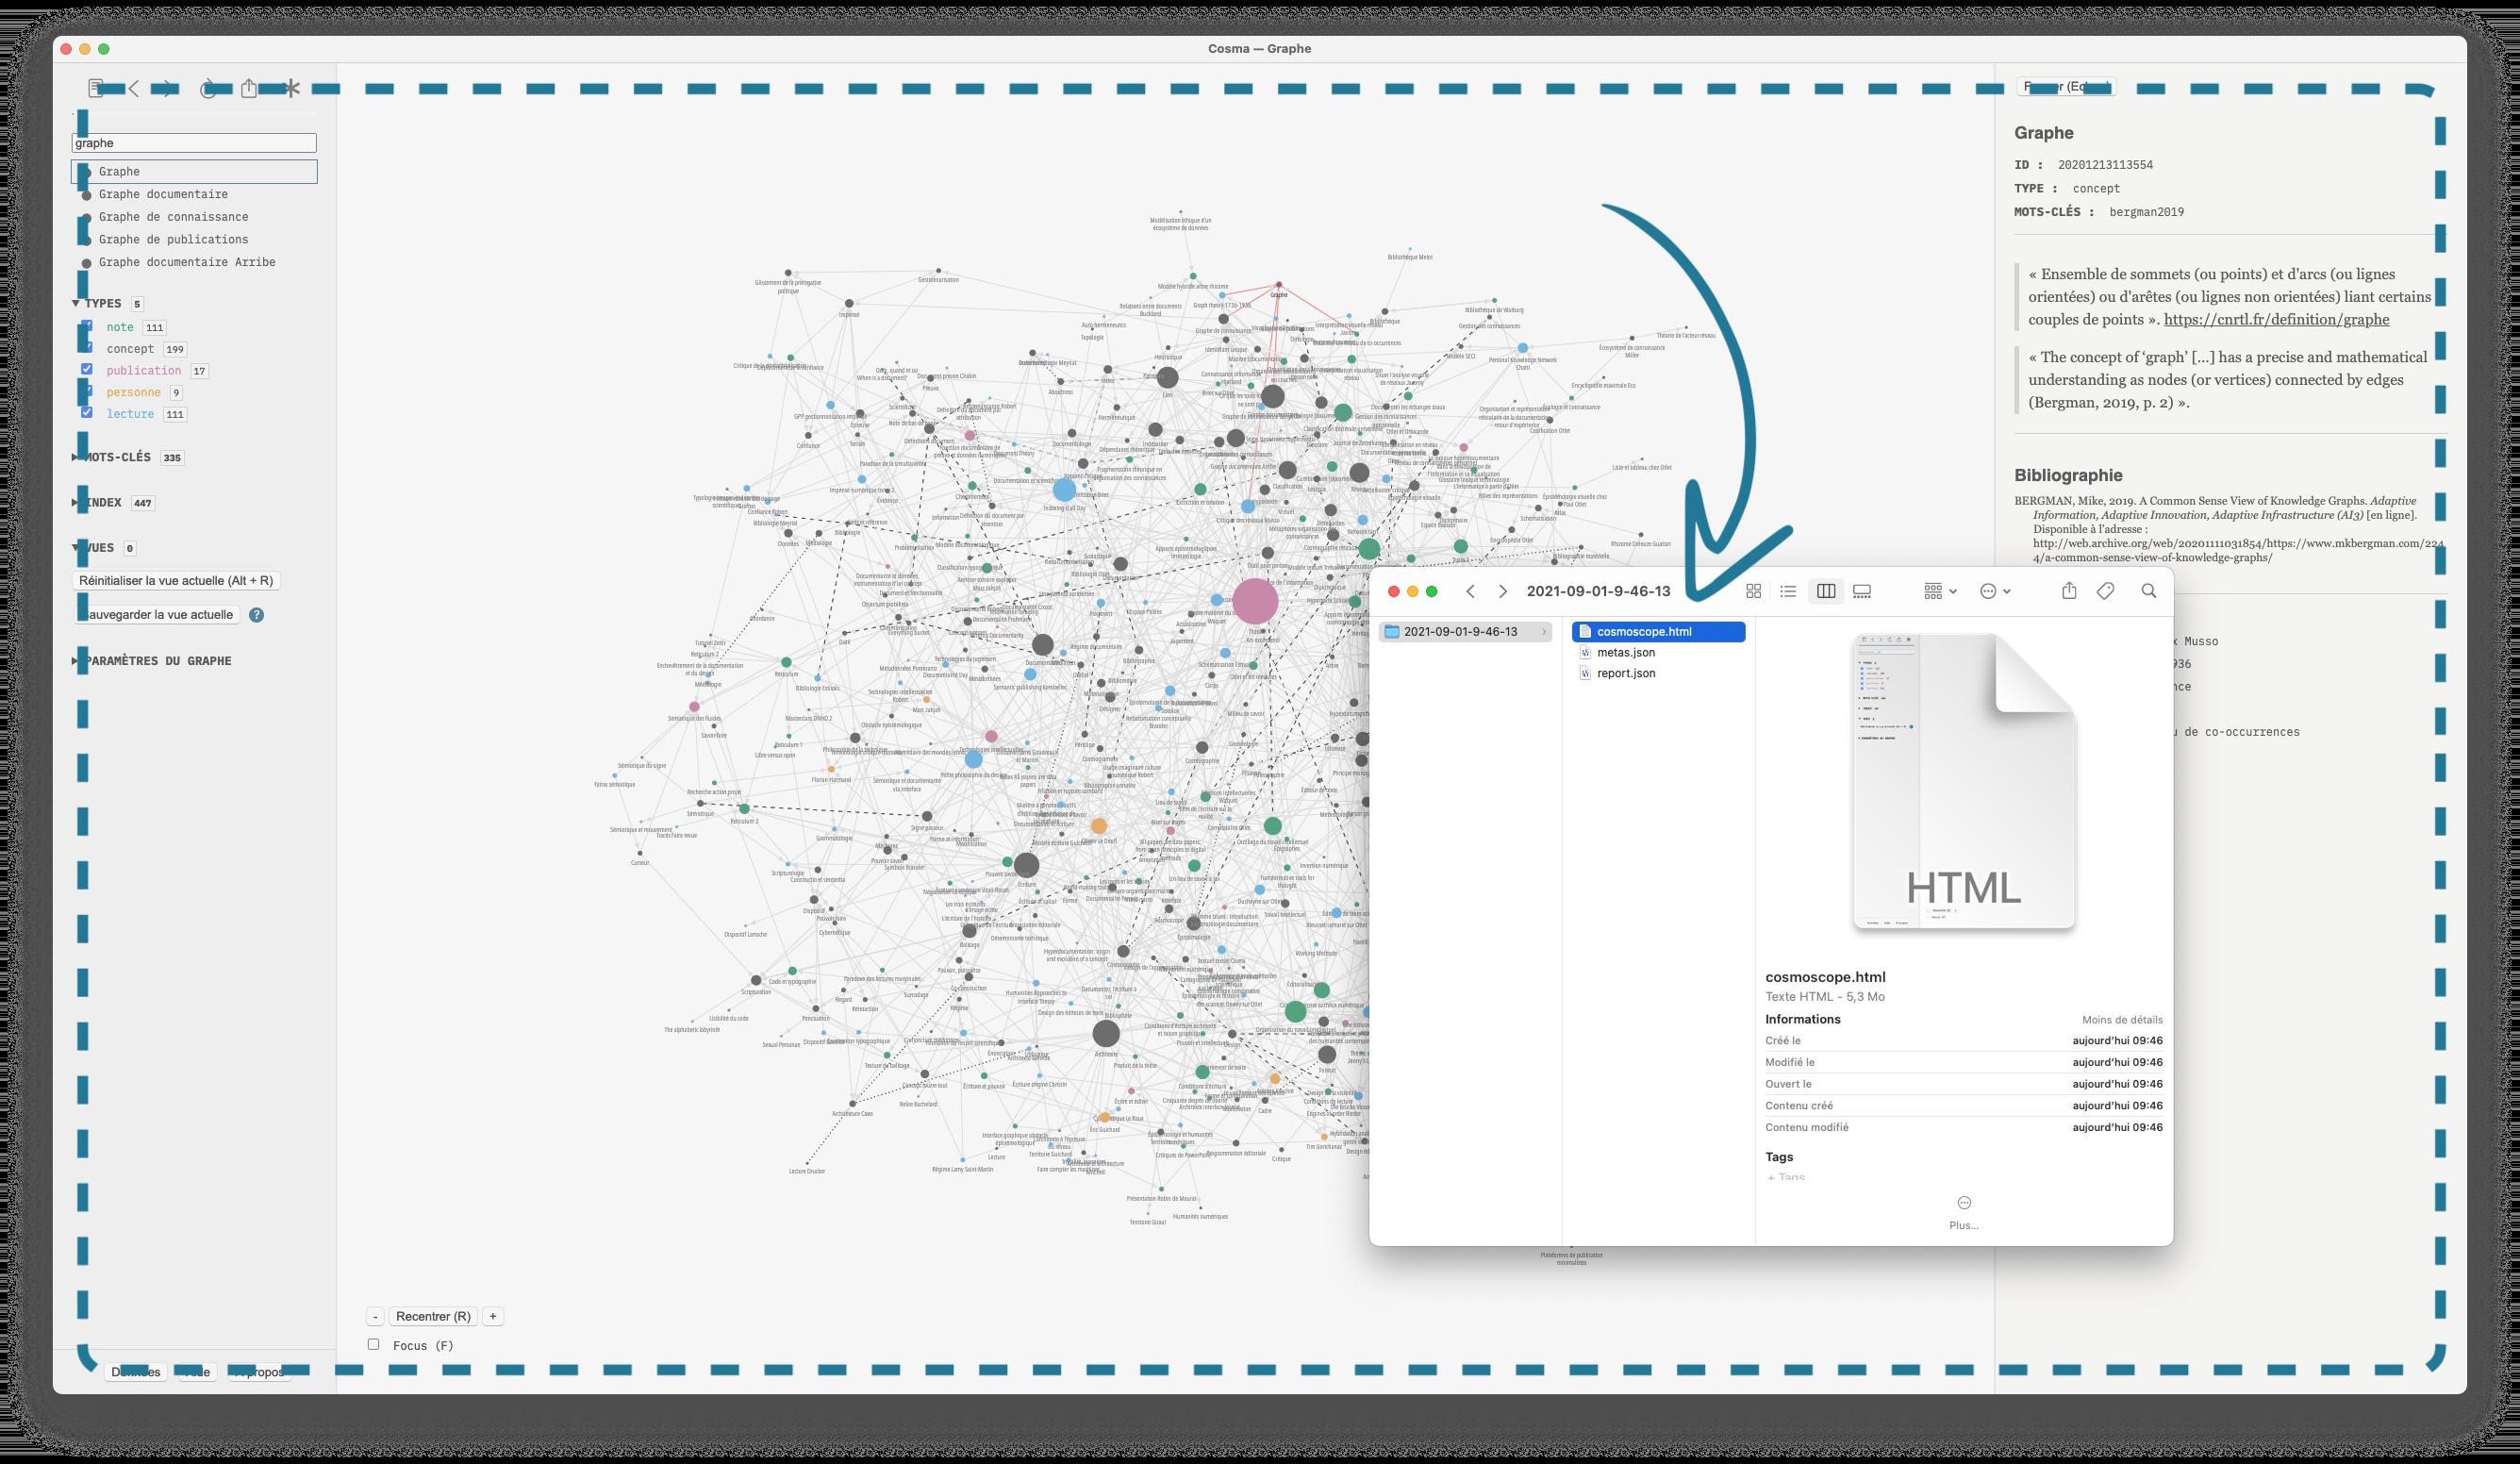 Le cosmoscope au cœur de Cosma: un fichier HTML autonome.